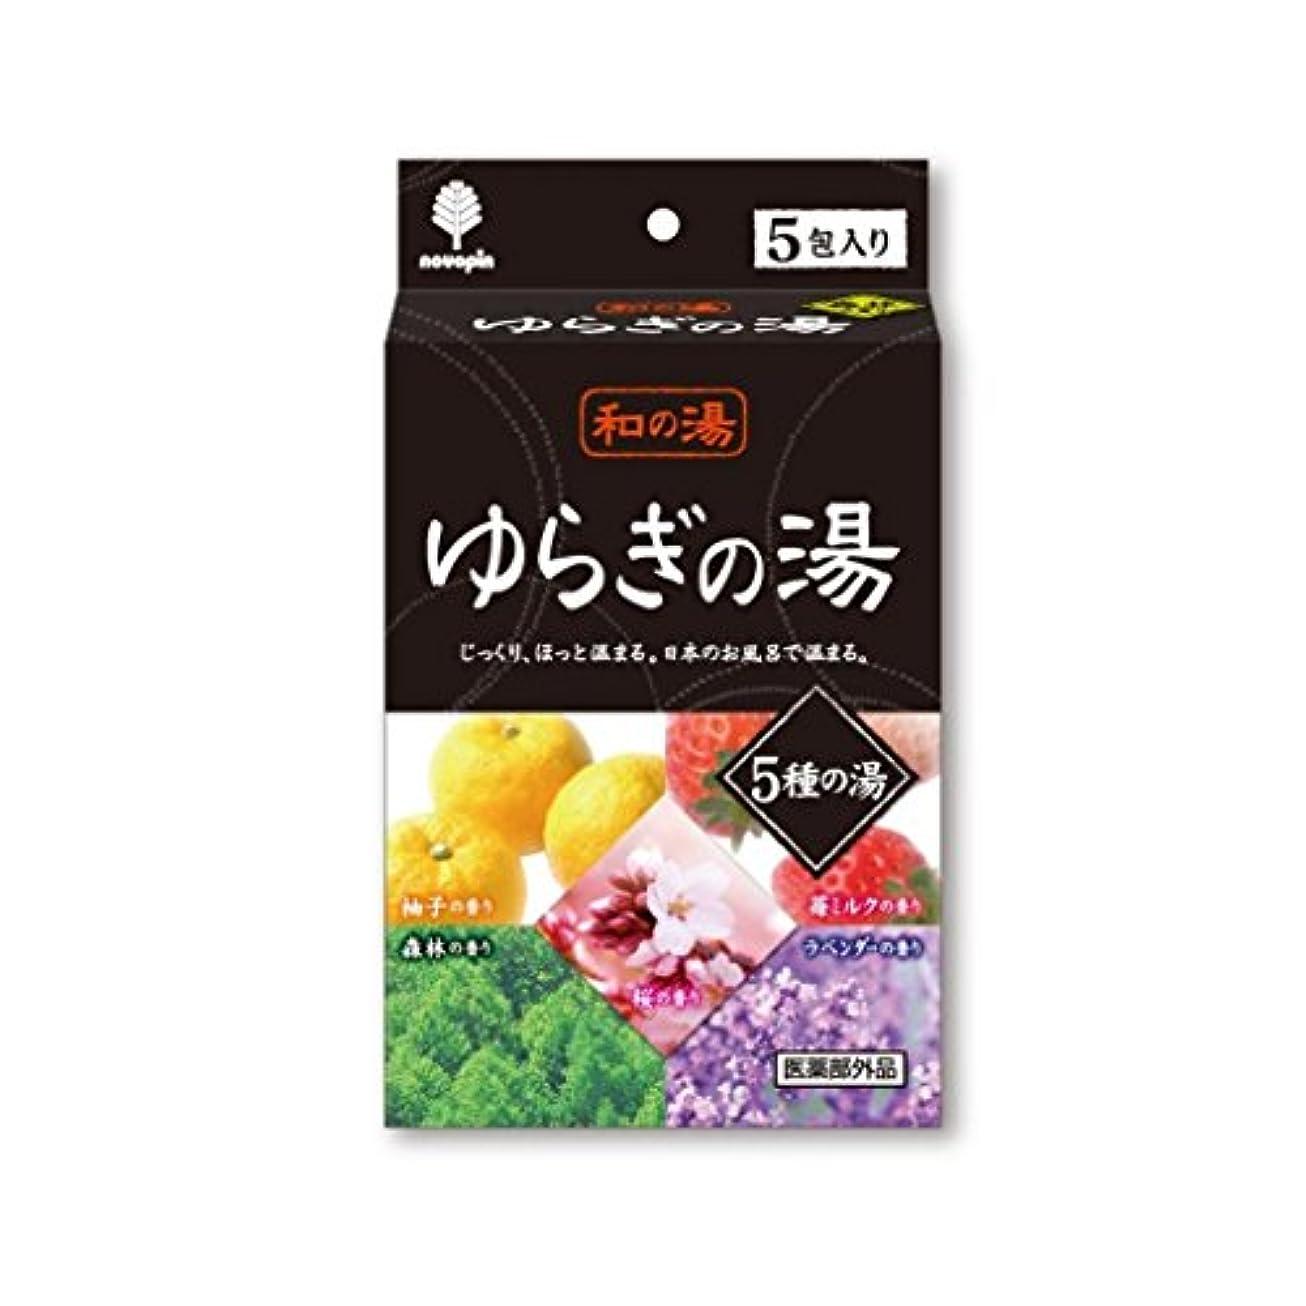 特許ラオス人銅紀陽除虫菊 日本製 Japan 和の湯 ゆらぎの湯 5種の湯 25g×5包入 【まとめ買い10個セット】